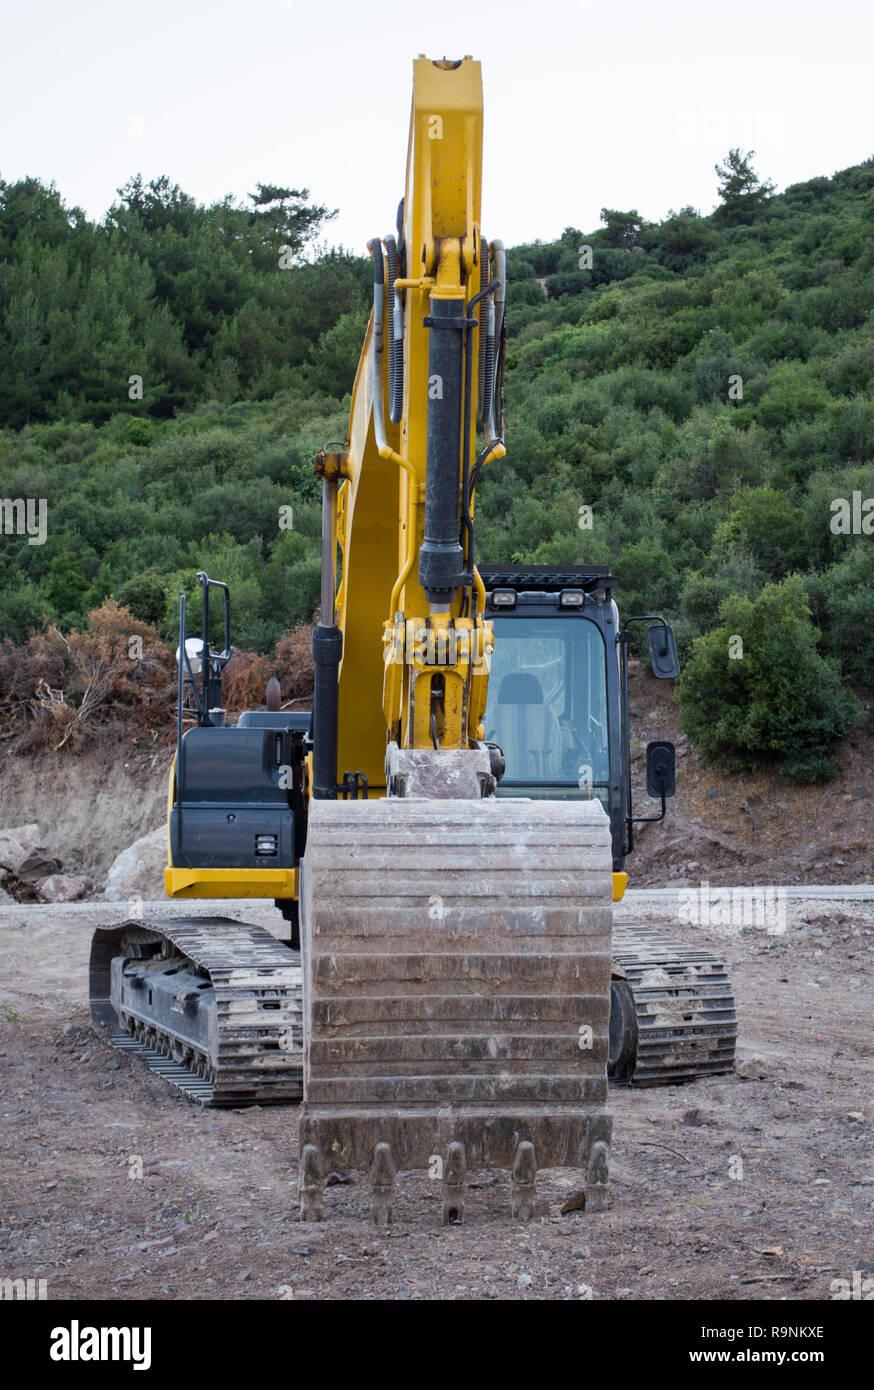 Bagger auf der Baustelle Stockfoto